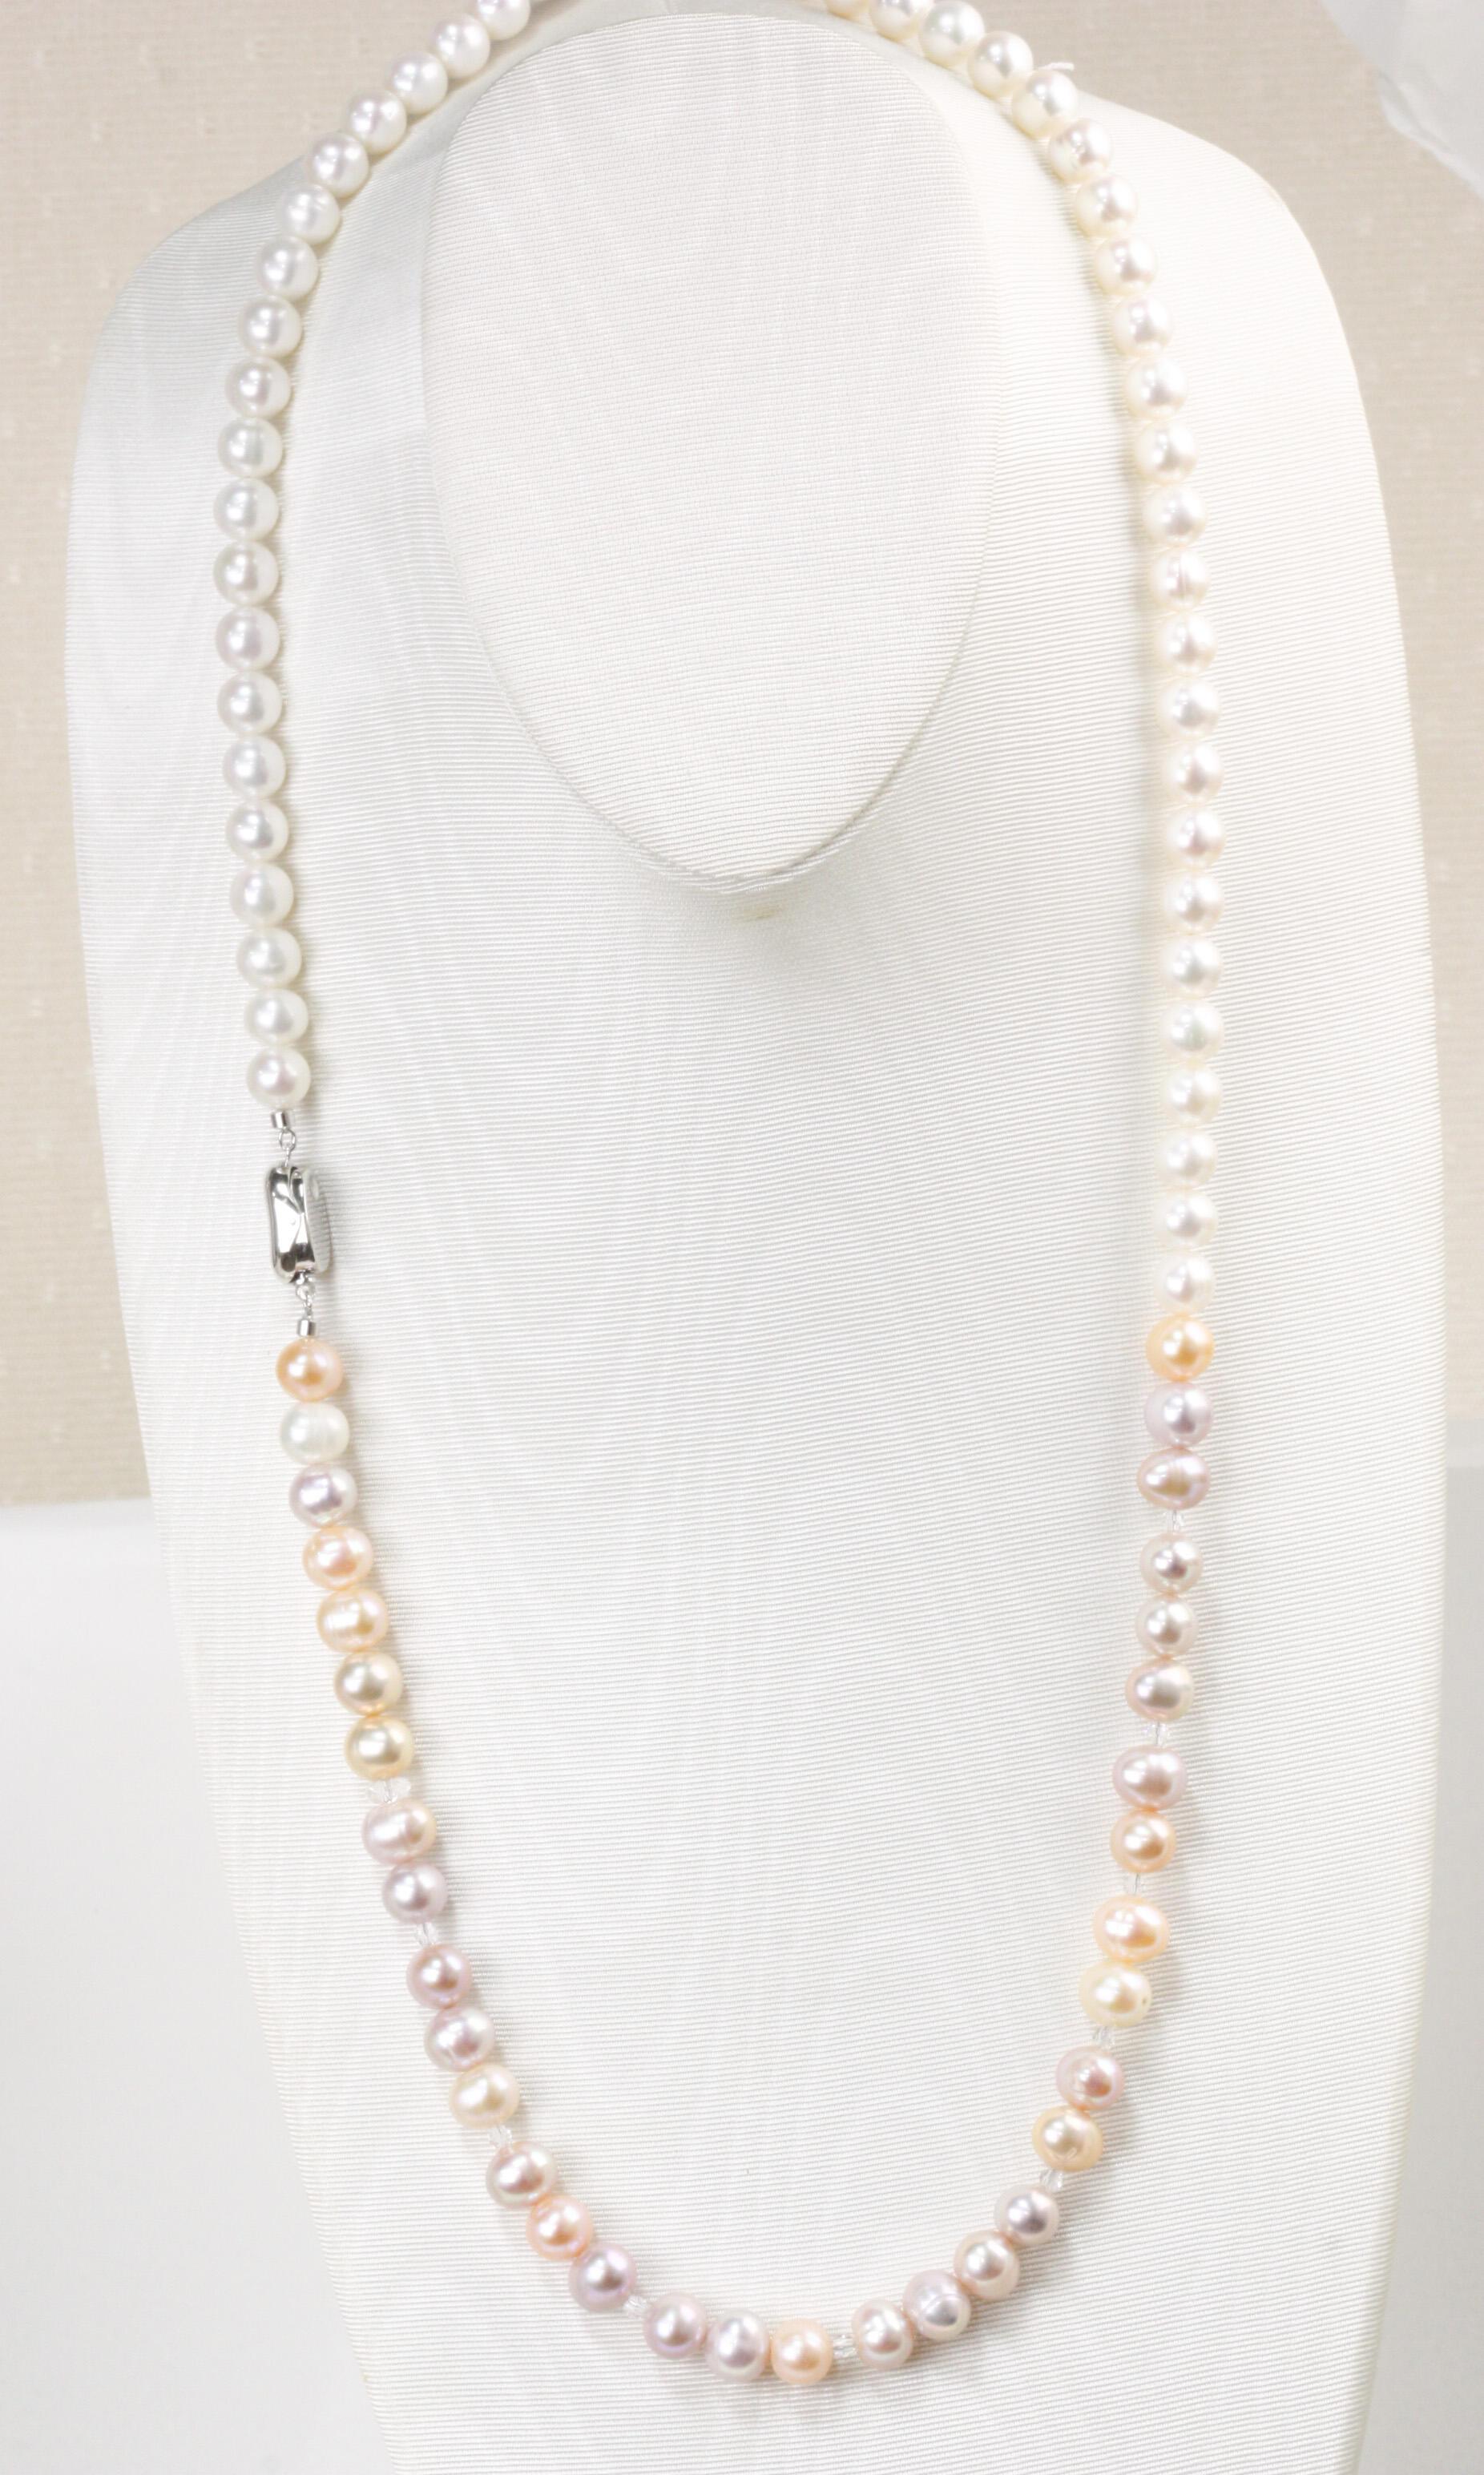 85㎝湖水真珠と淡水真珠のアレンジロングネックレス